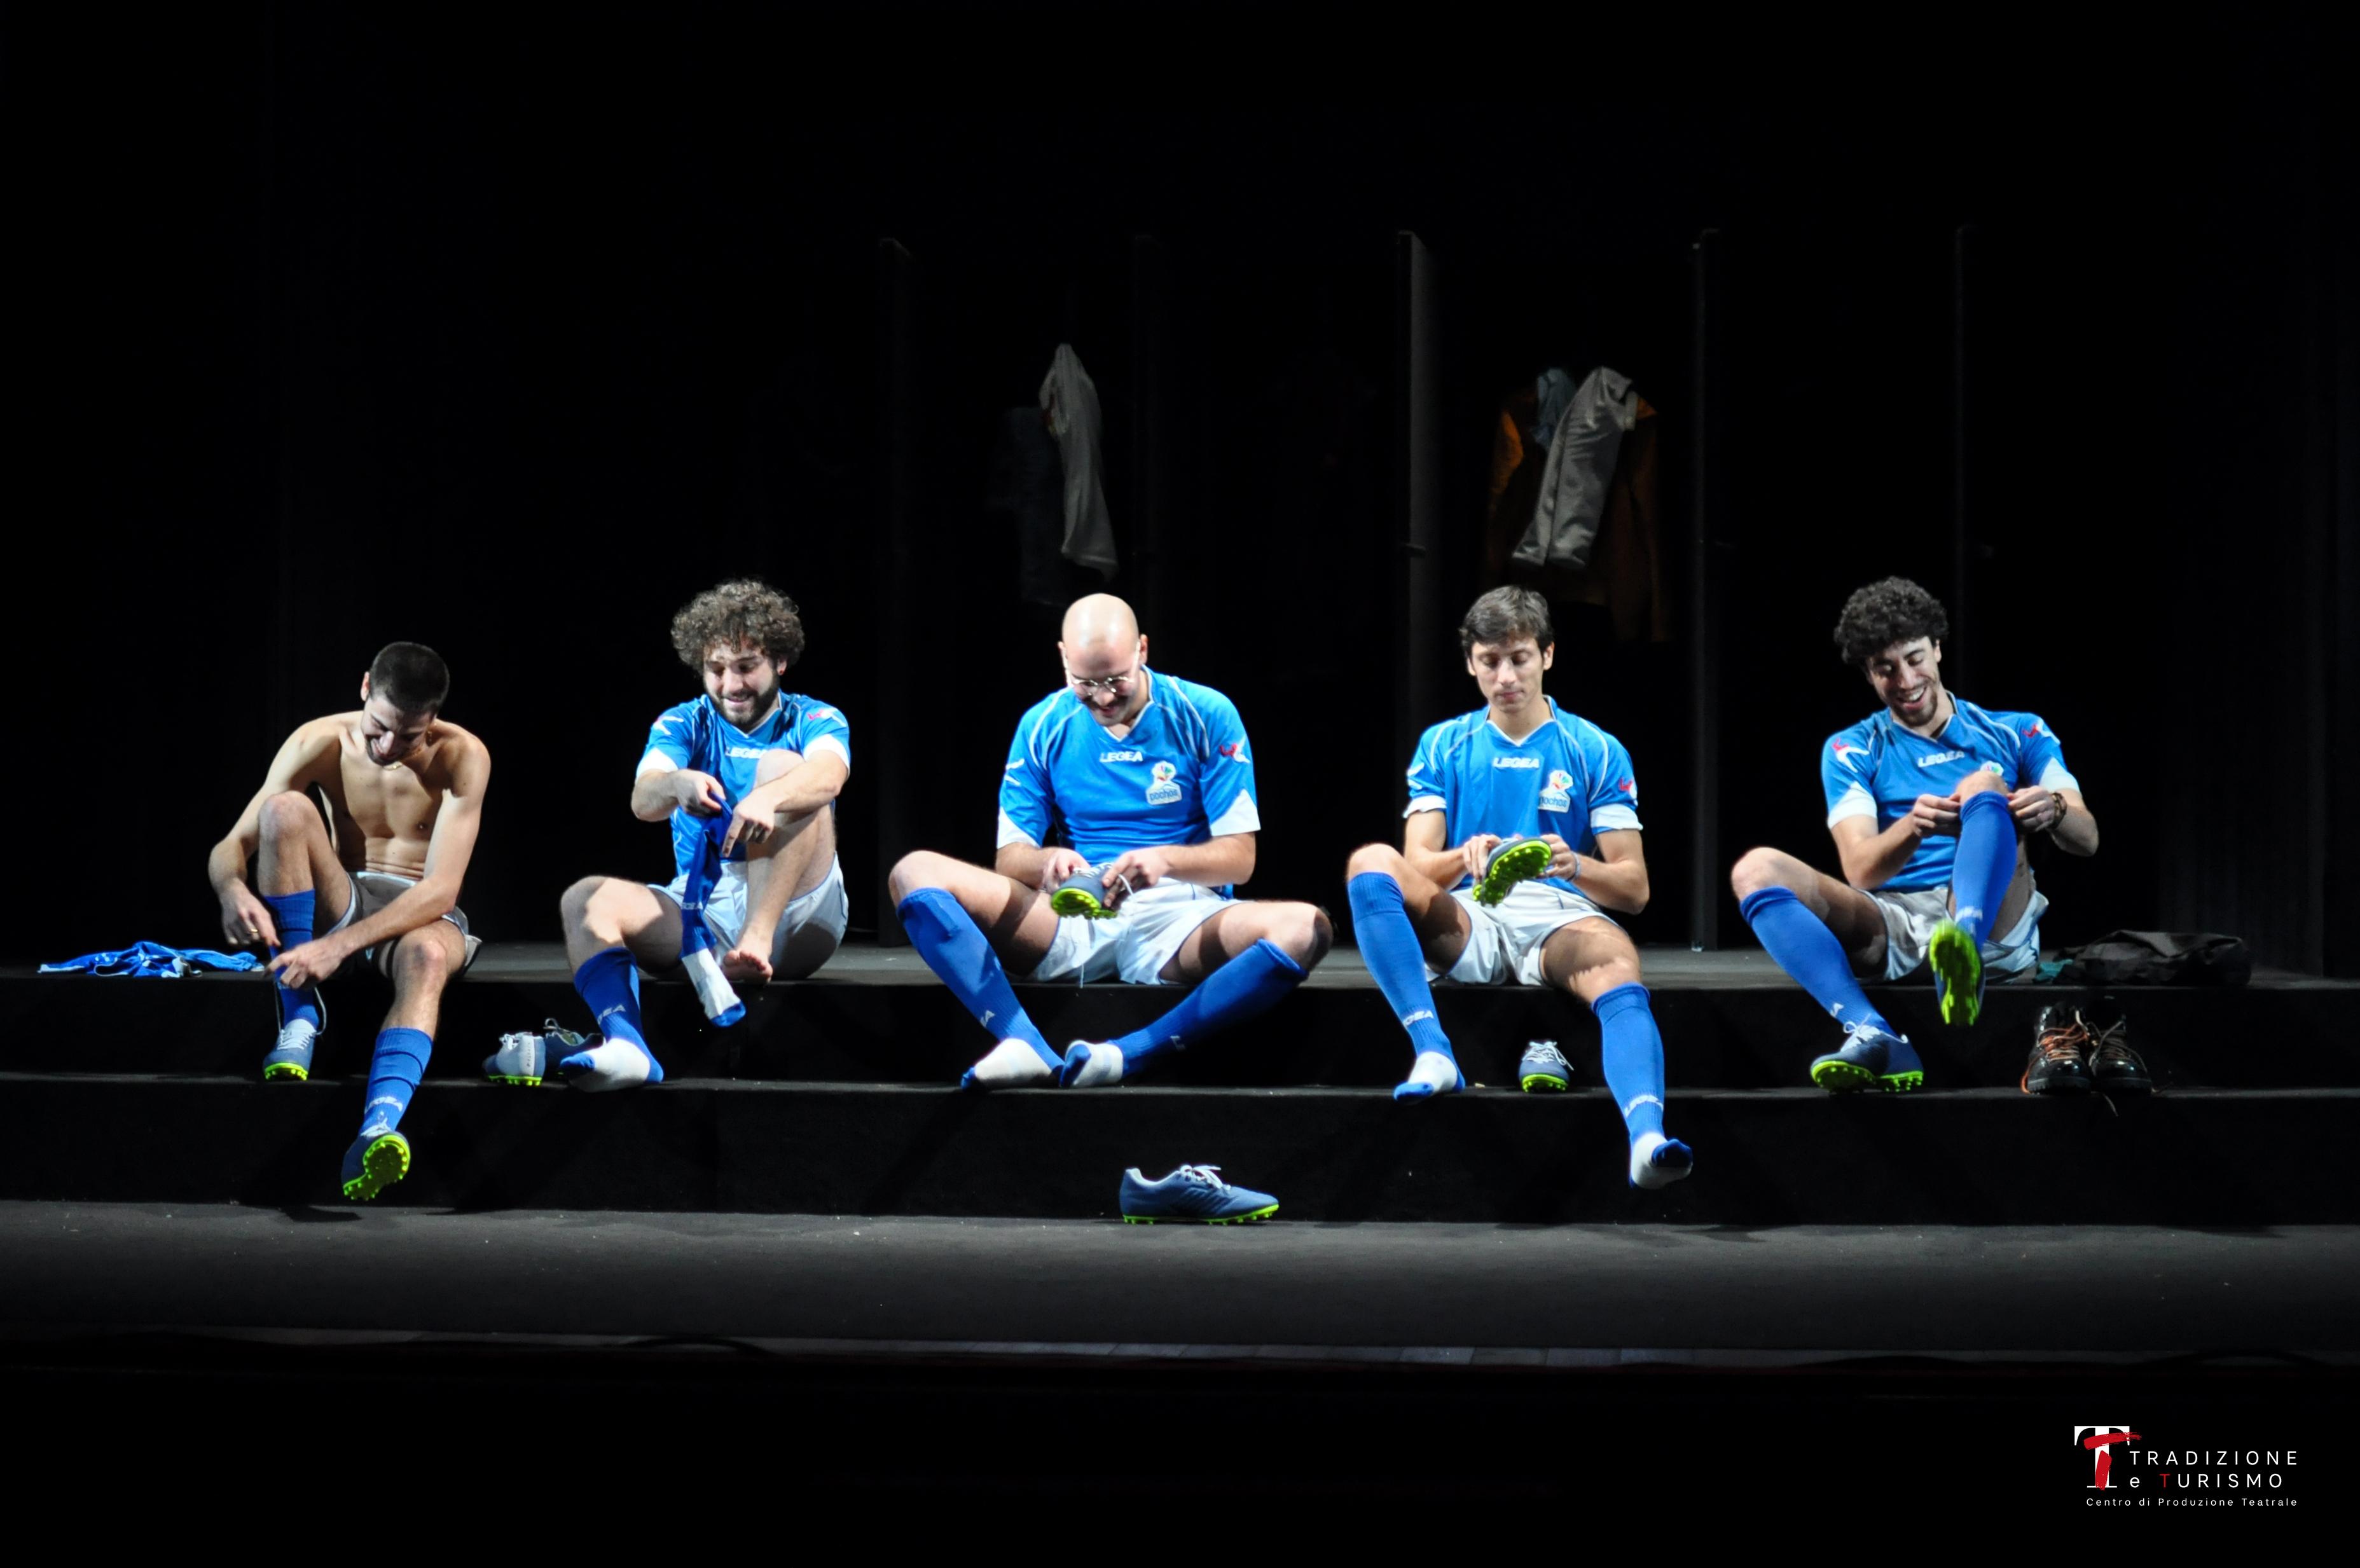 La grande notte dei Pochos, una partita di calcio contro le paure. Lo spettacolo di Sicca al teatro Sannazaro di Napoli